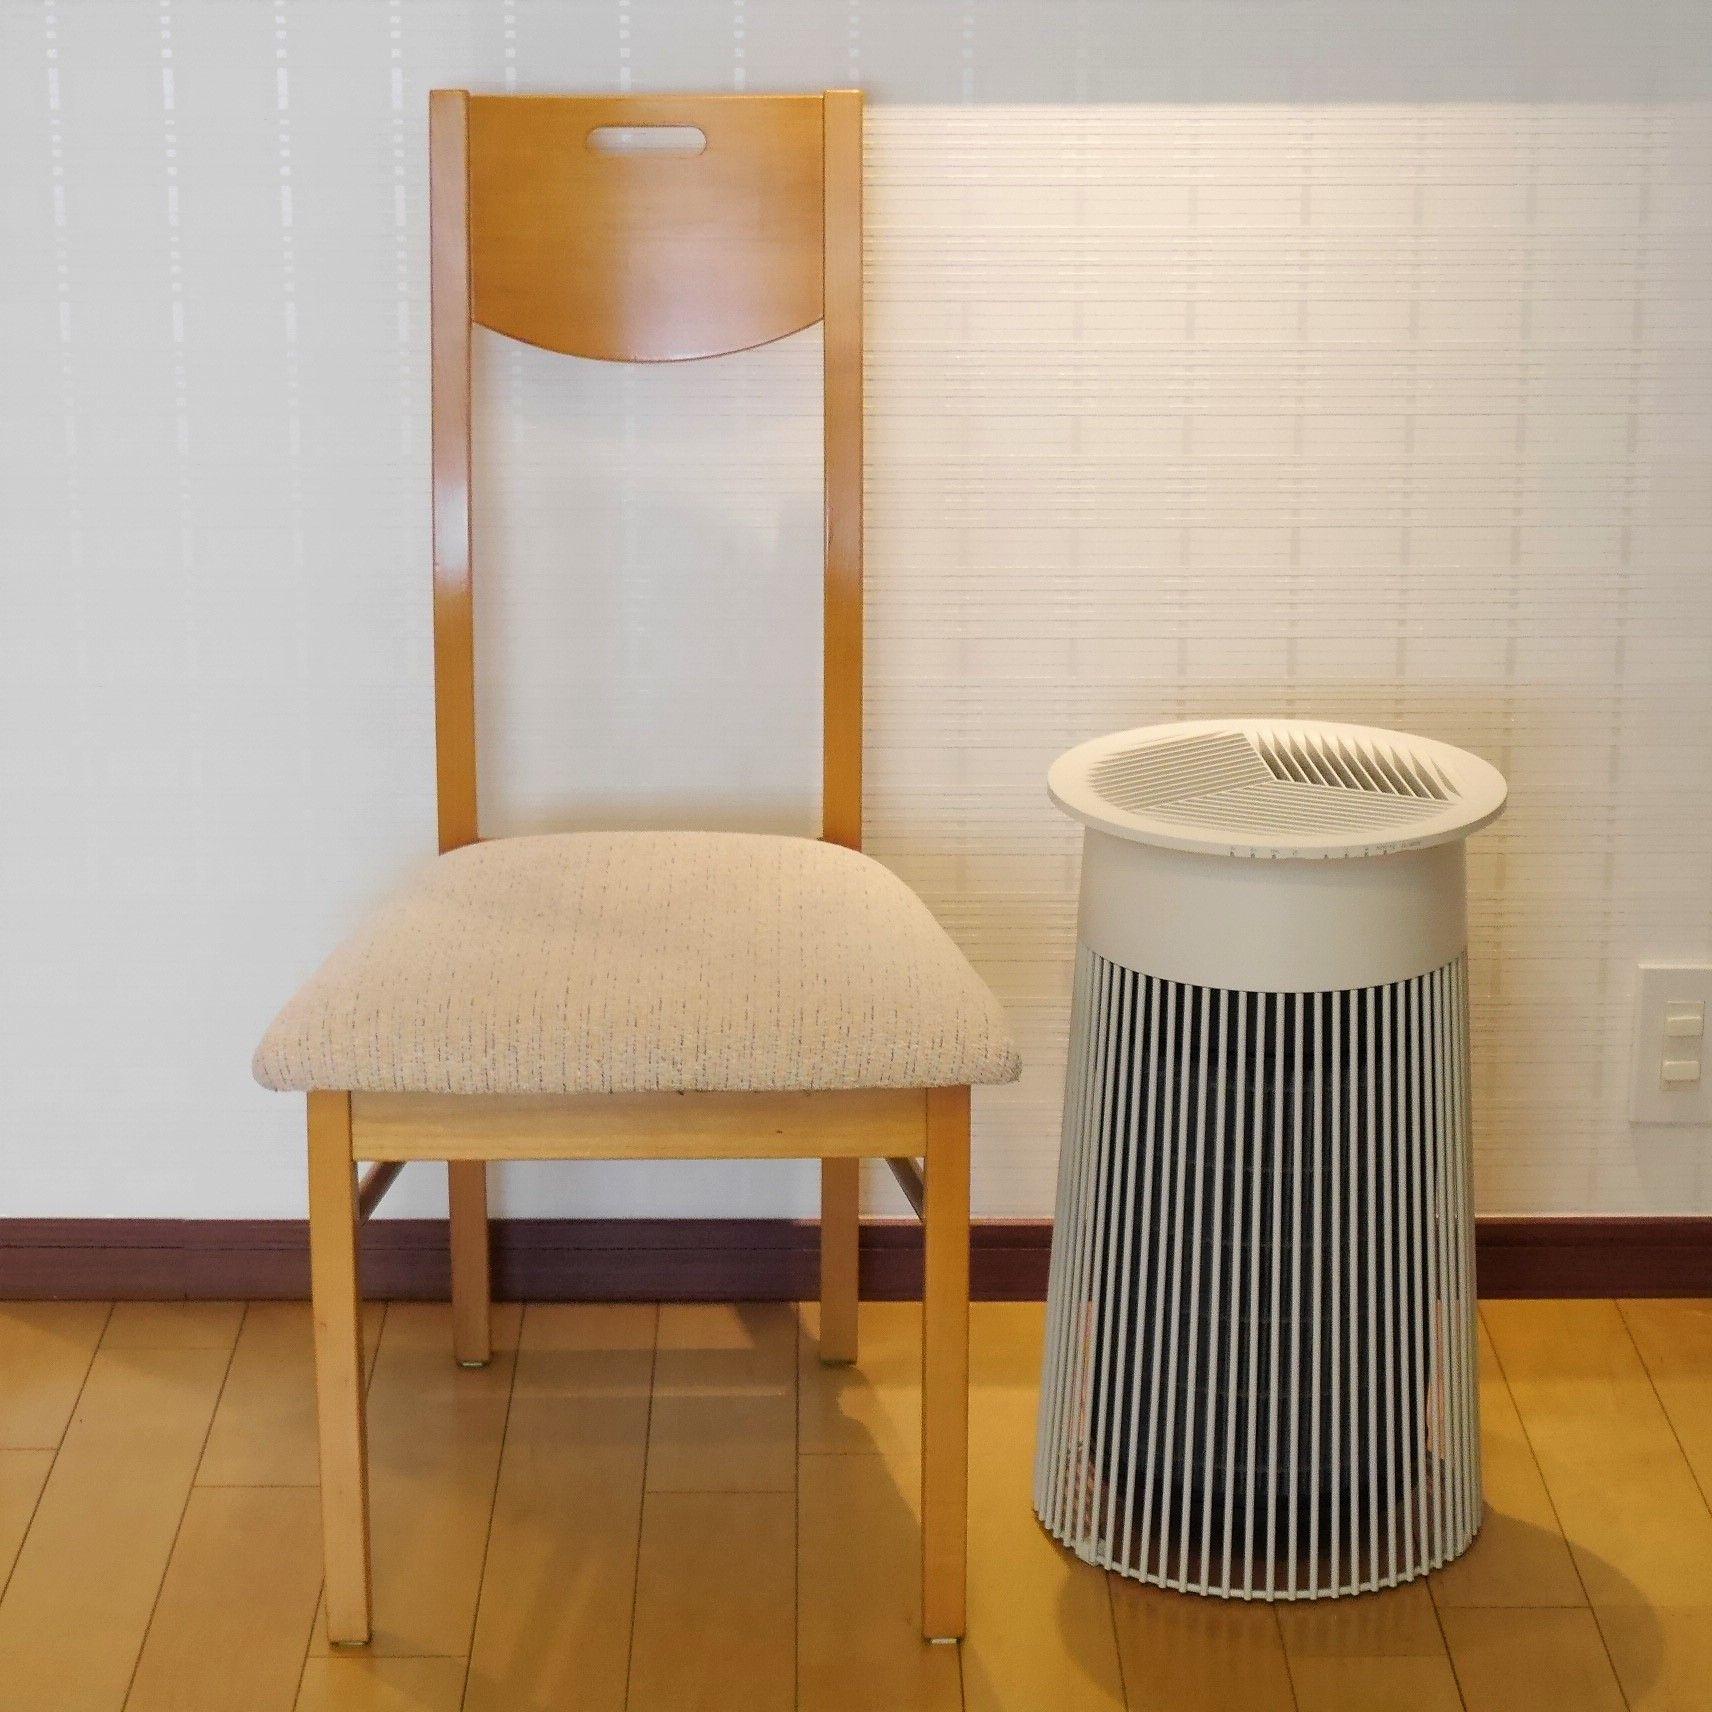 空気清浄機C030_大きさ_椅子と比較